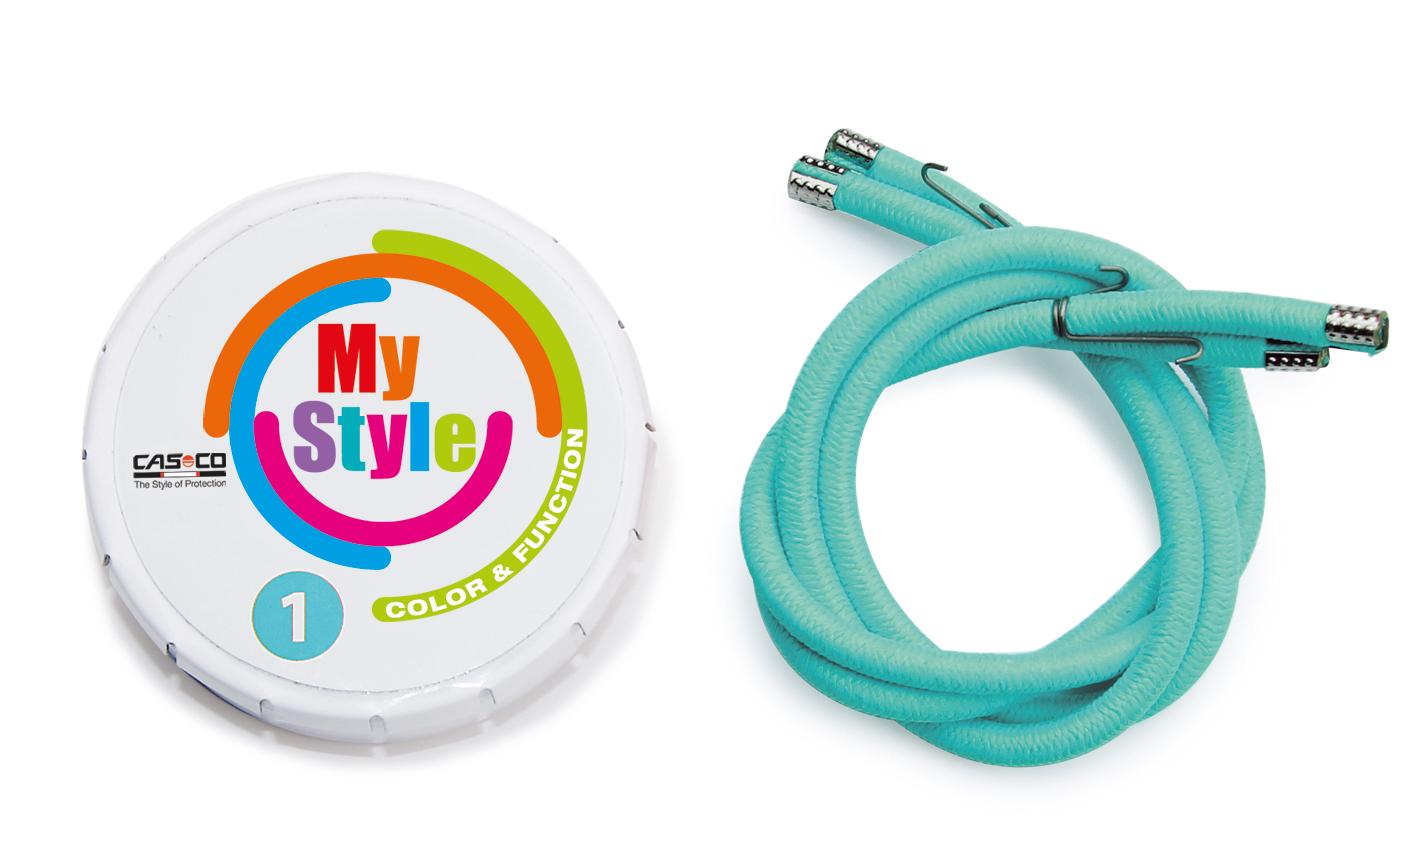 Casco MyStyle Reflektor-Streifen für den Casco Fahrradhelm, Farbbeilspiel: bianchi